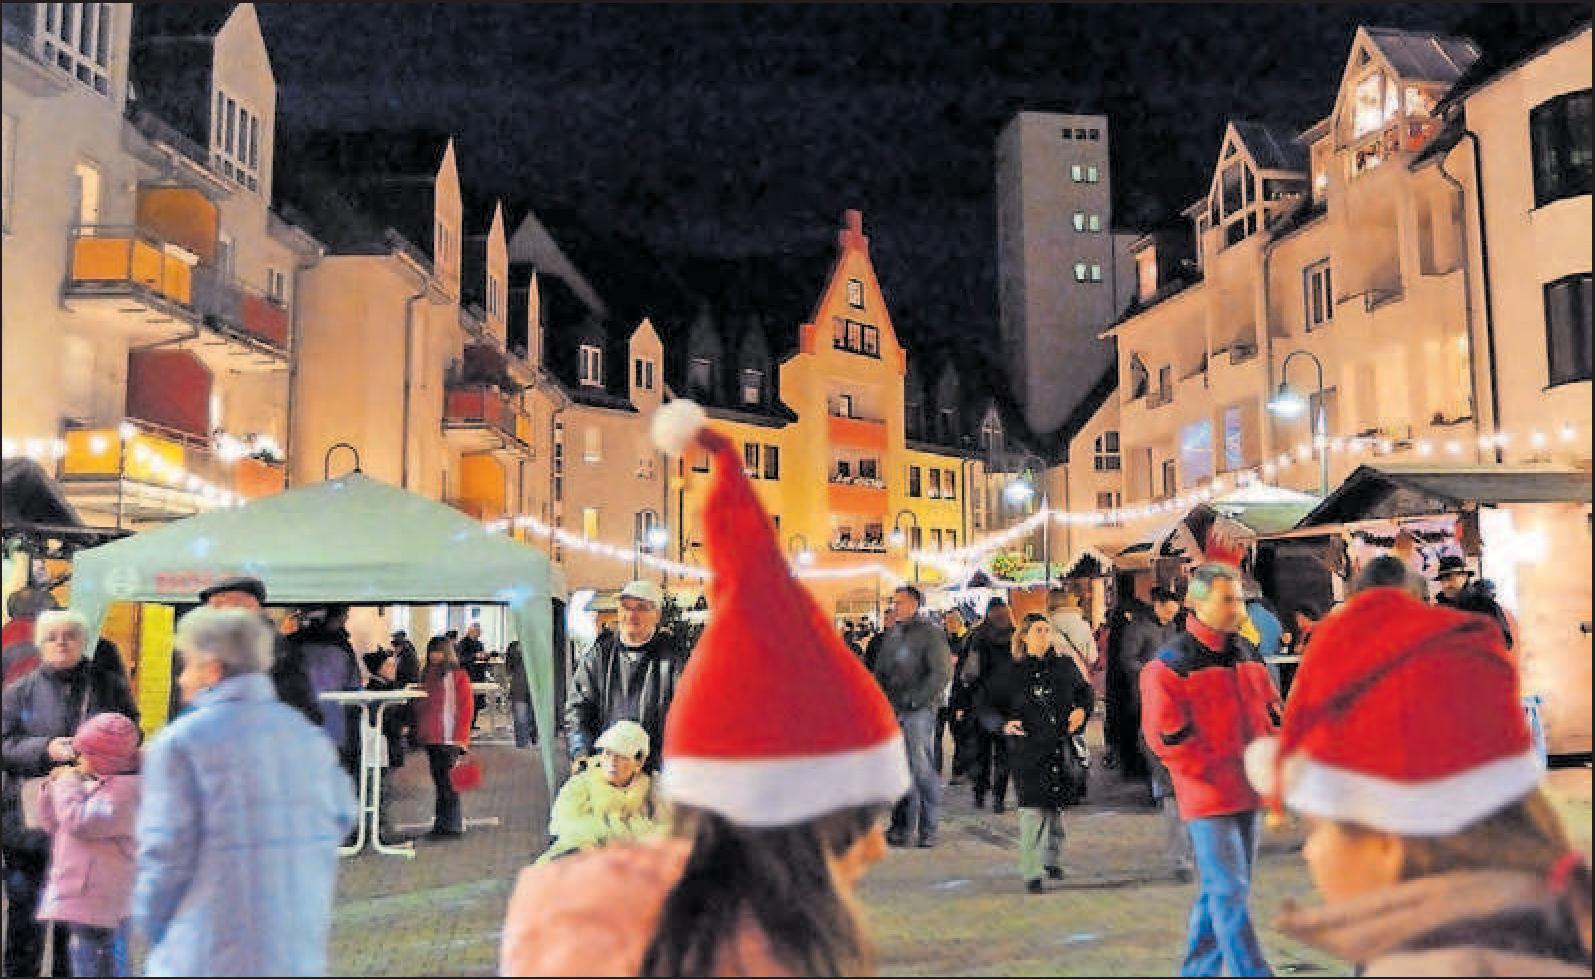 Viel Blech und Klangpiraten auf dem Kurpfalzplatz